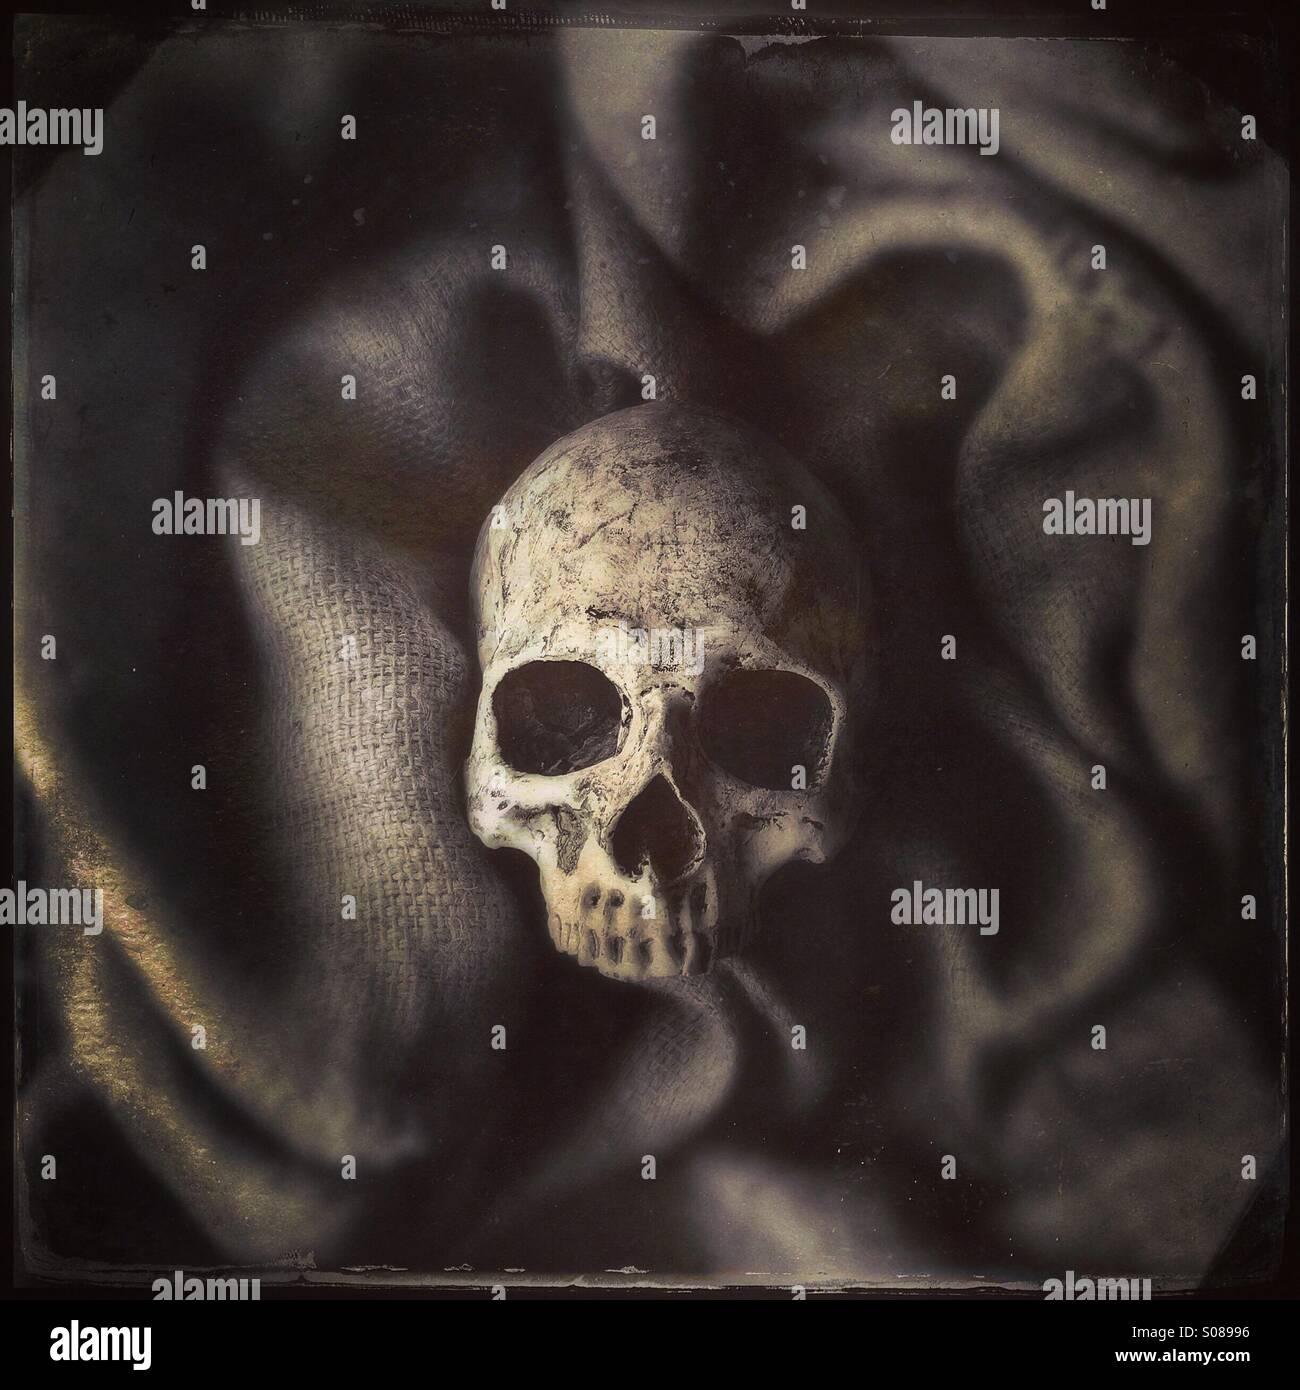 Crâne humain entouré de toile de jute Photo Stock